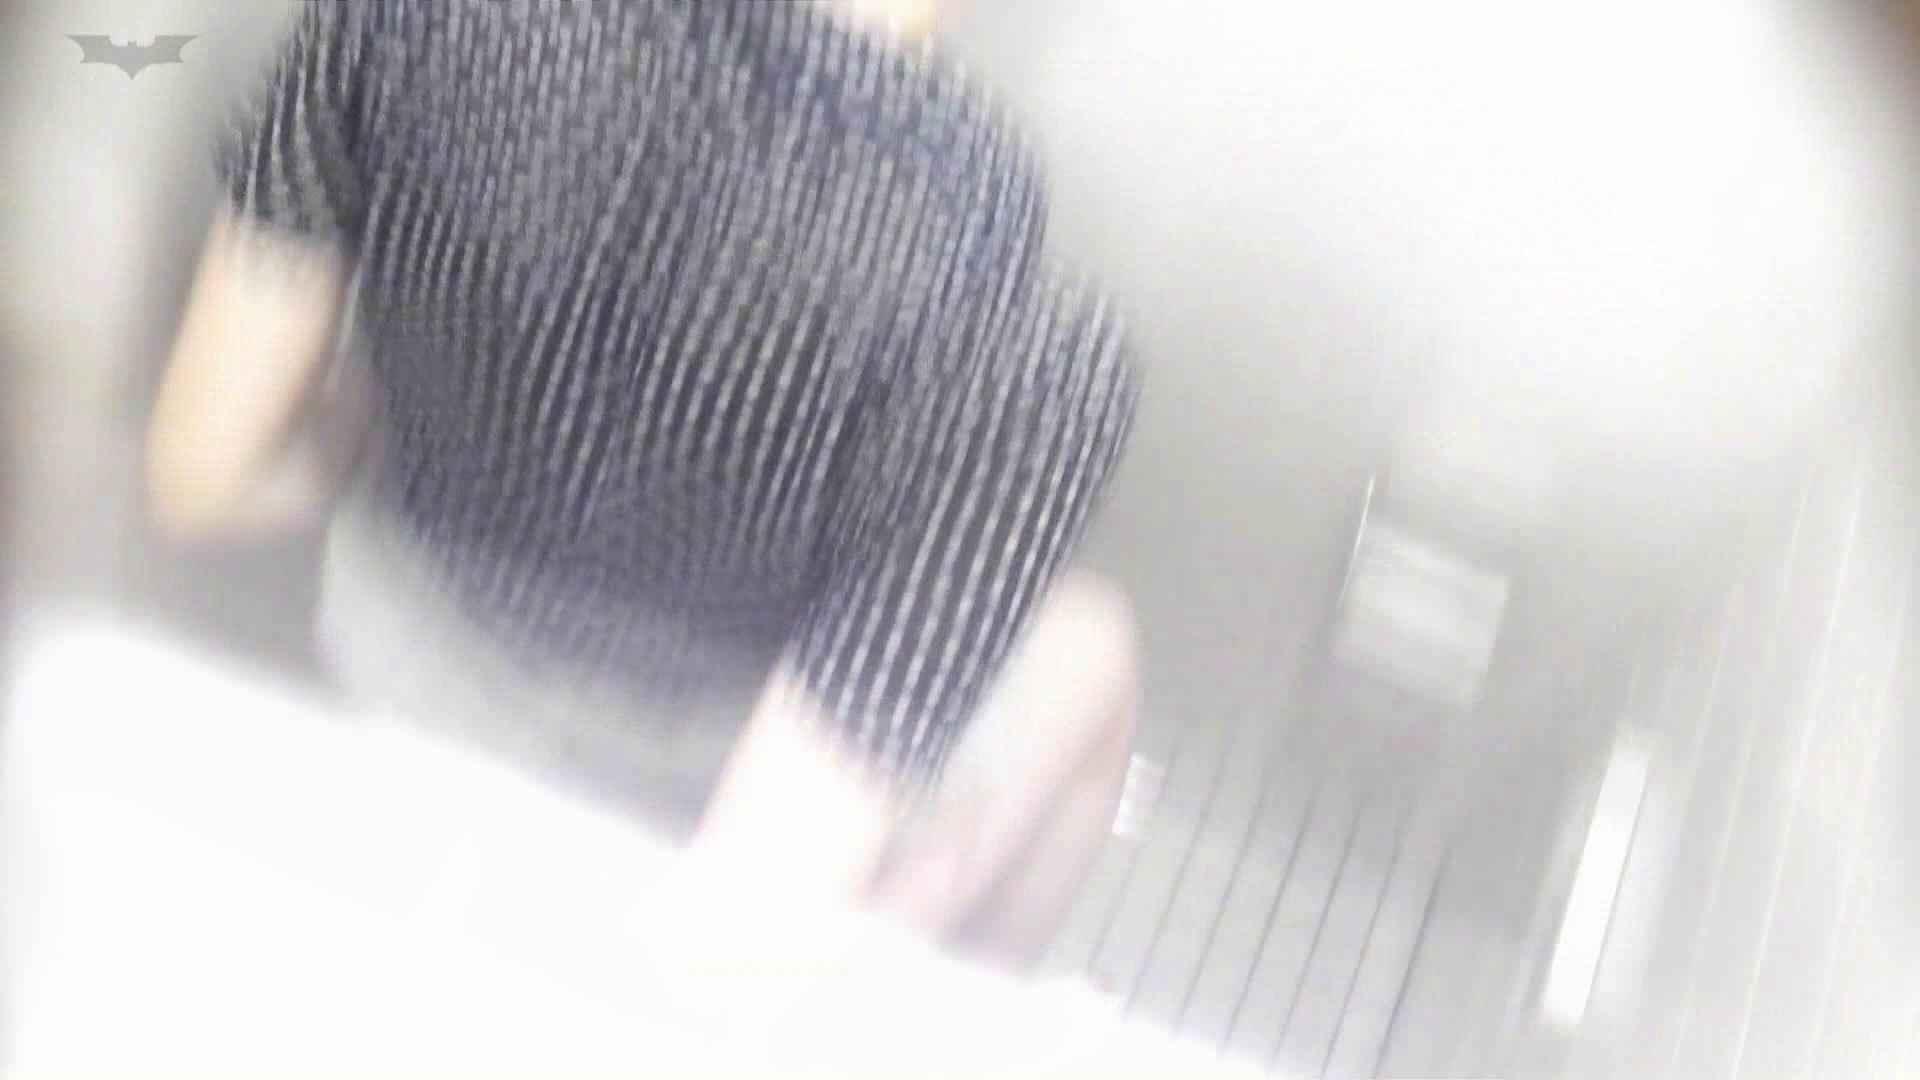 お銀 vol.73 シリーズ一番エロい尻登場 洗面所 | OLの実態  100pic 58